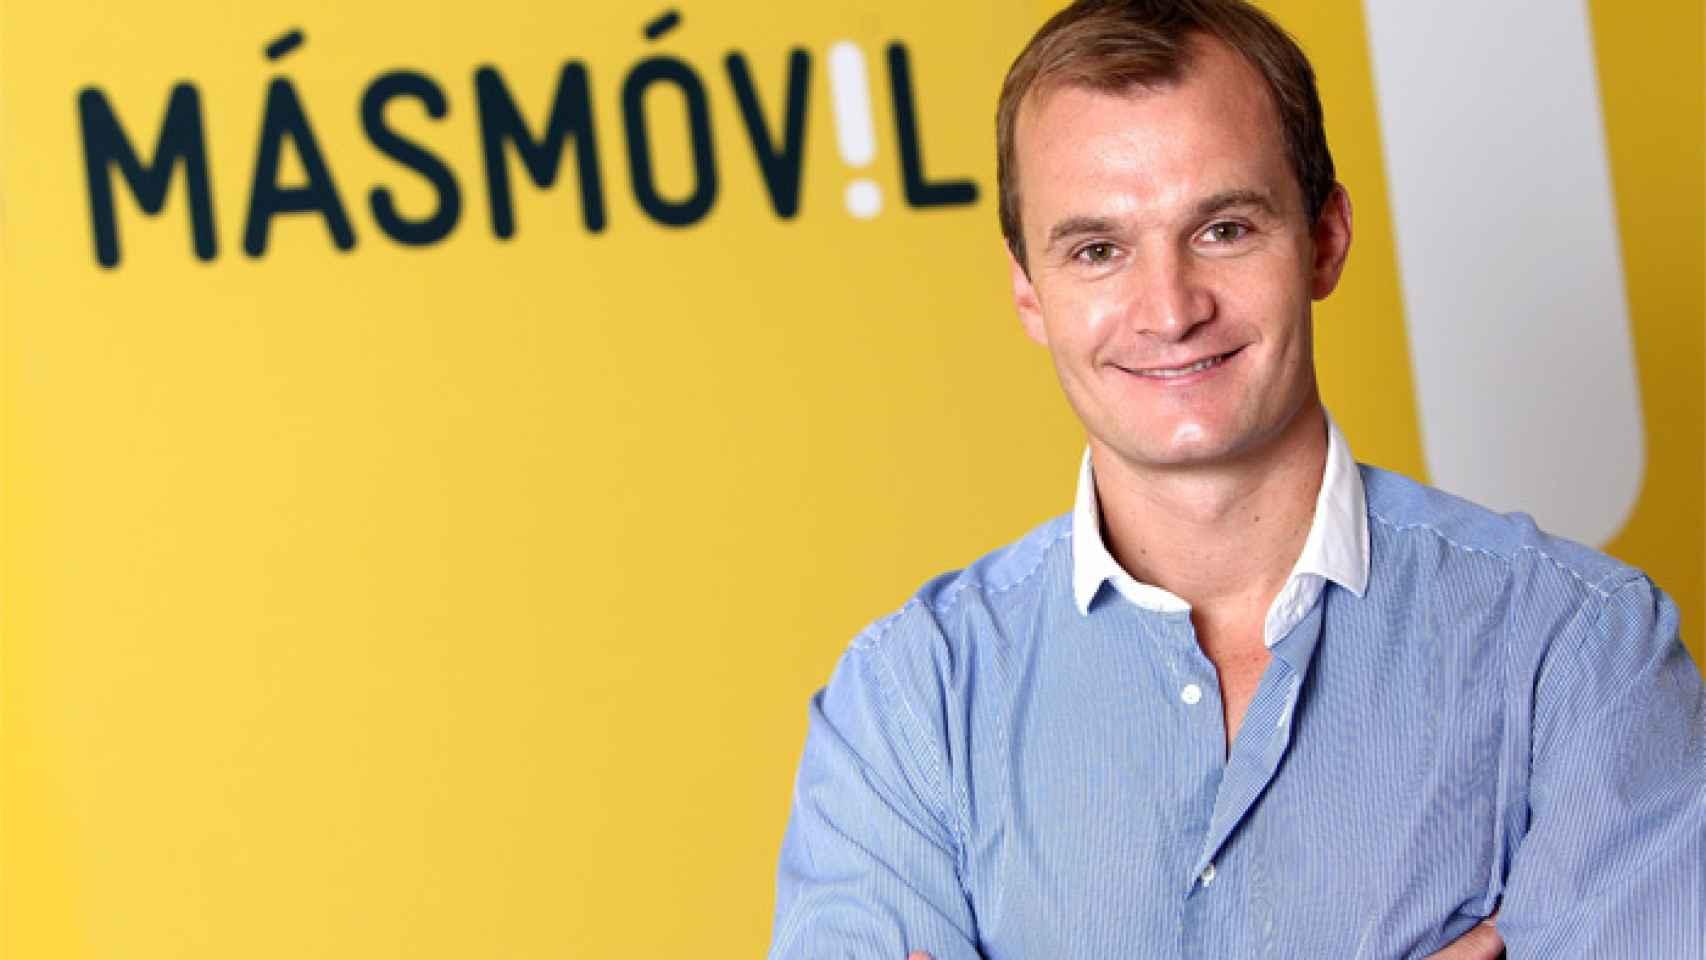 El CEO de Masmovil, Meinrad Spenger.